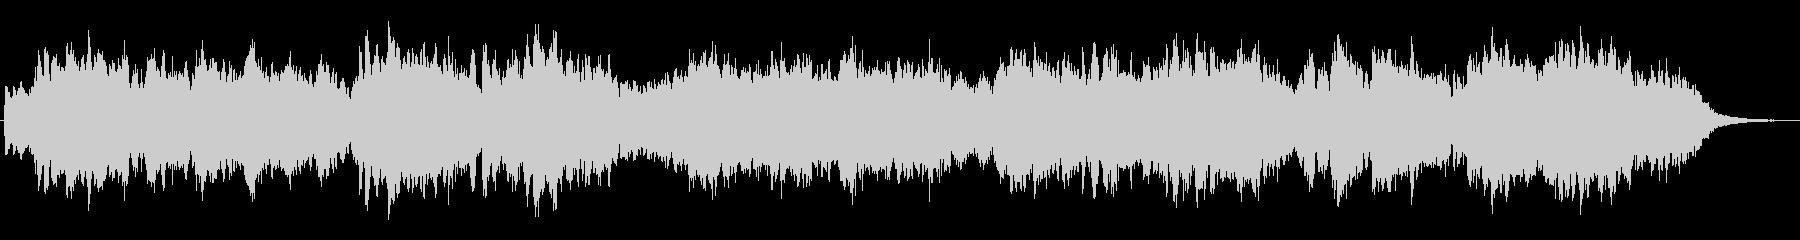 バグバイプが印象的な明るいジングル2の未再生の波形